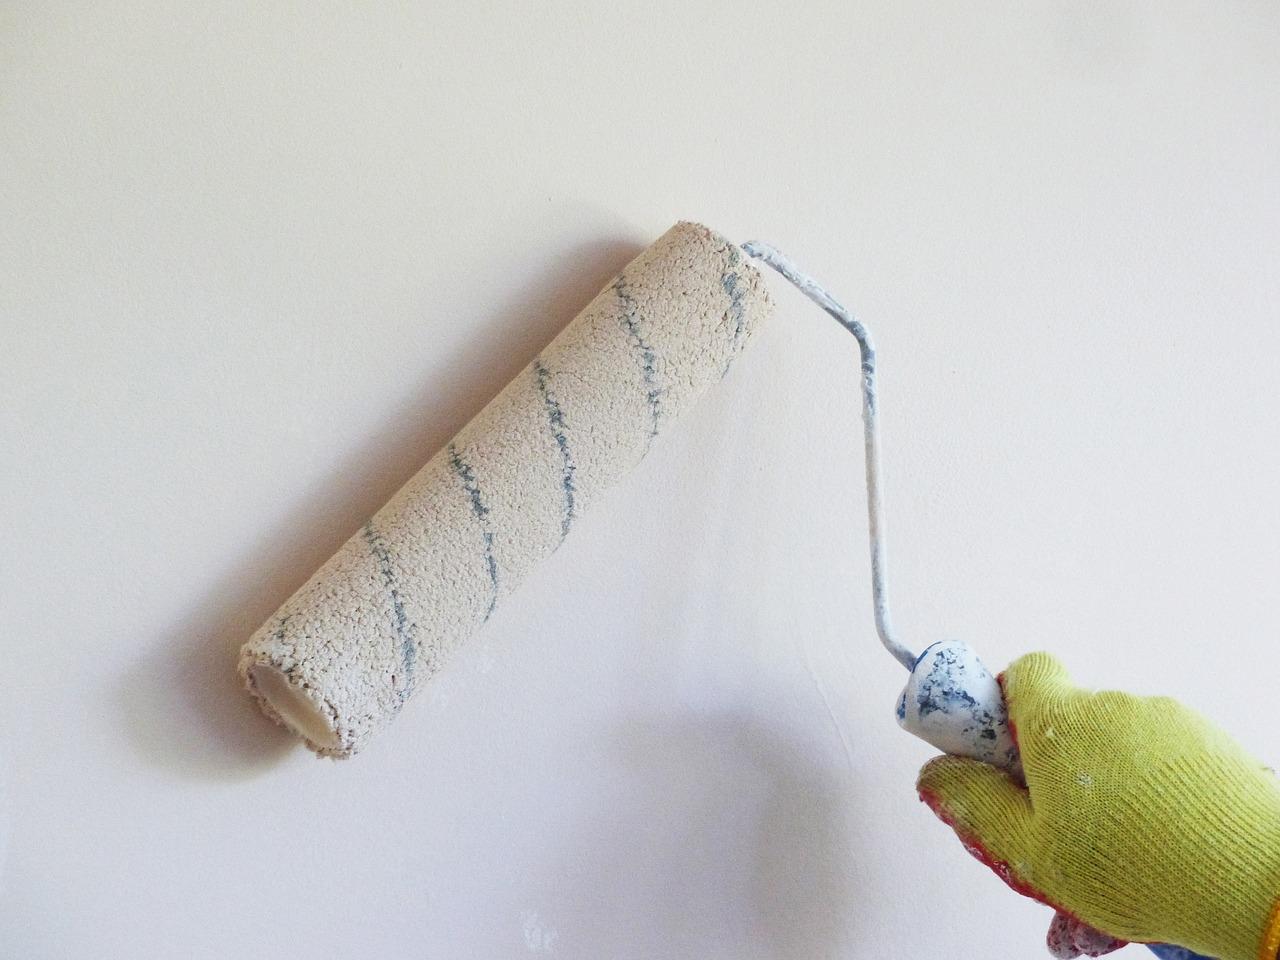 Comment Peindre Un Plafond Sans Trace comment peindre sans toucher le plafond ? | peinturea